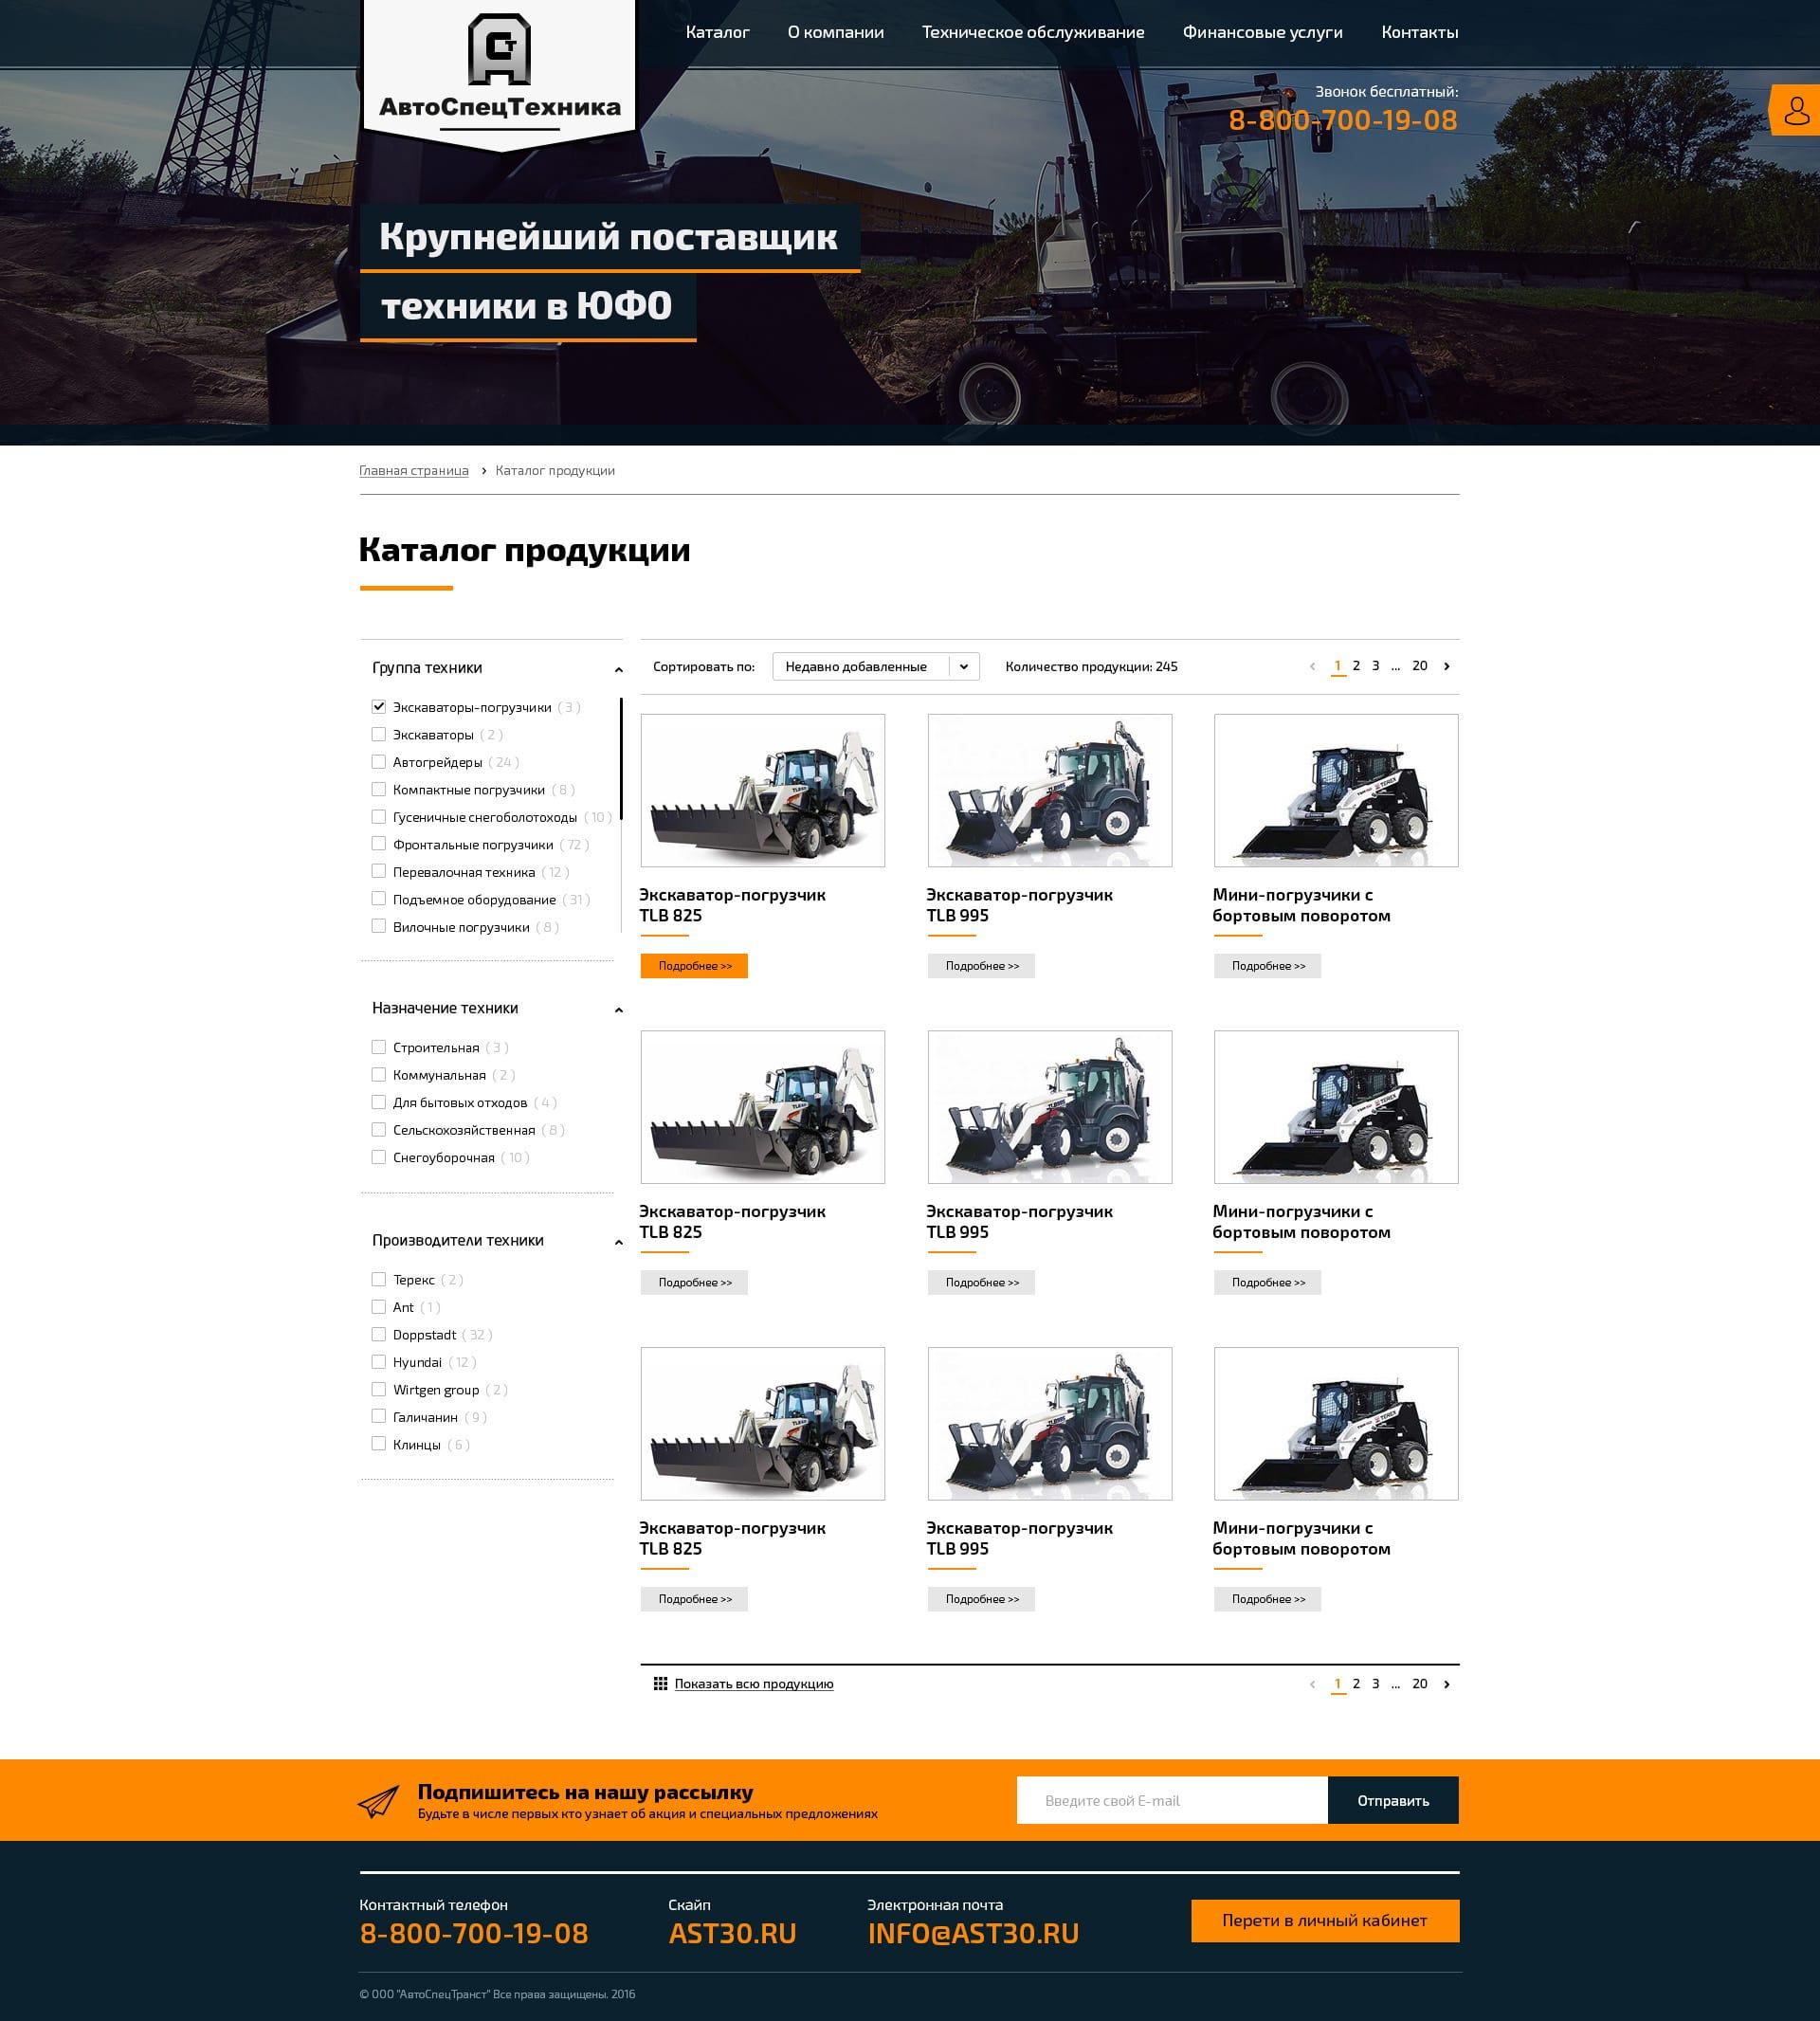 site_AvtoSpetsTekhnika_2-min